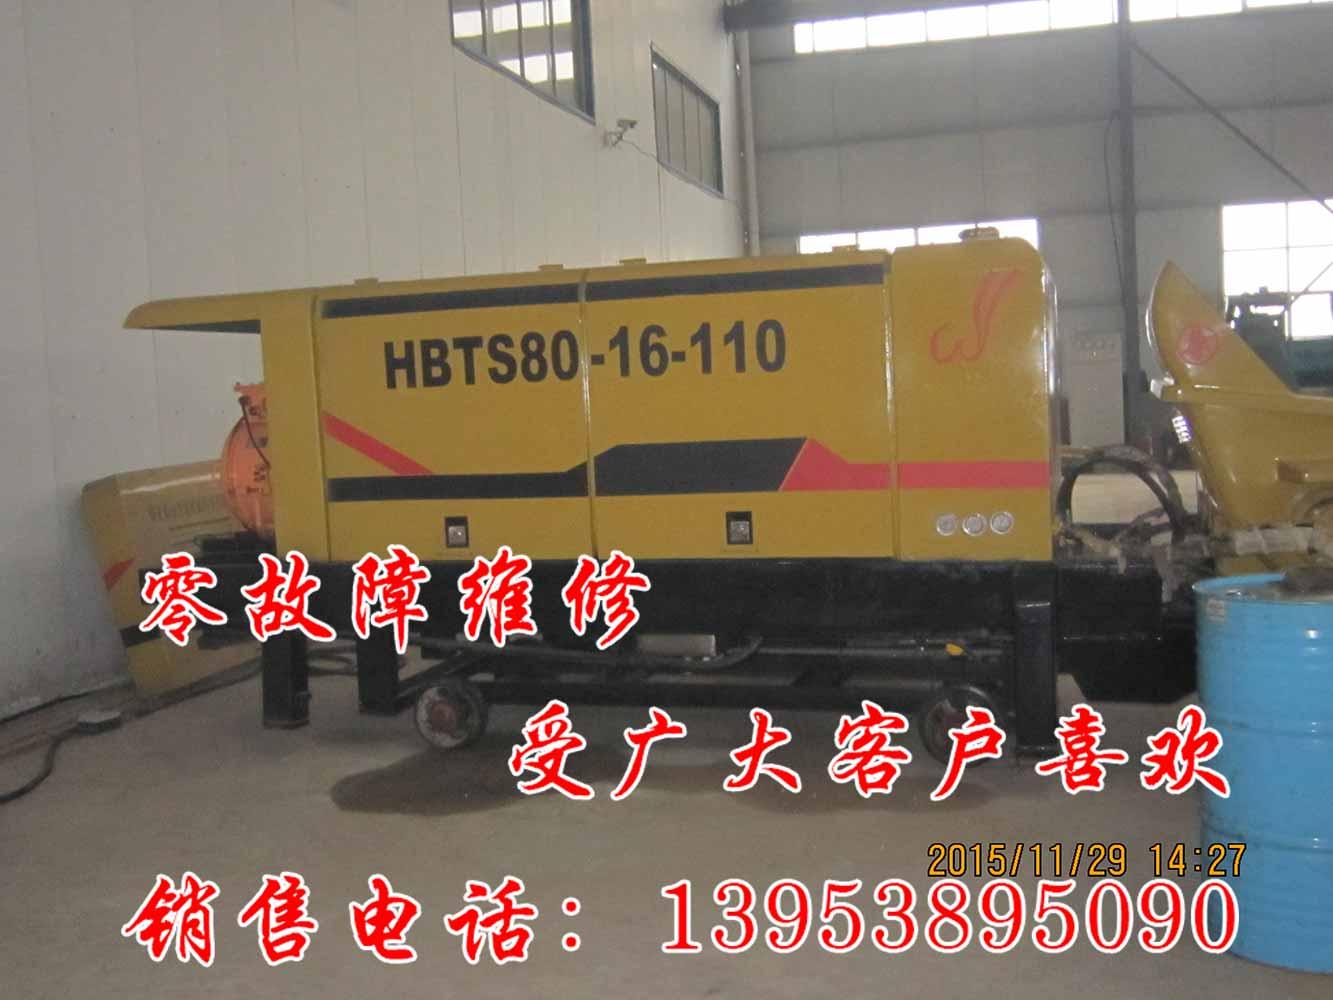 贵州建井处 井下用防爆混凝土泵 高效建筑浇筑机械